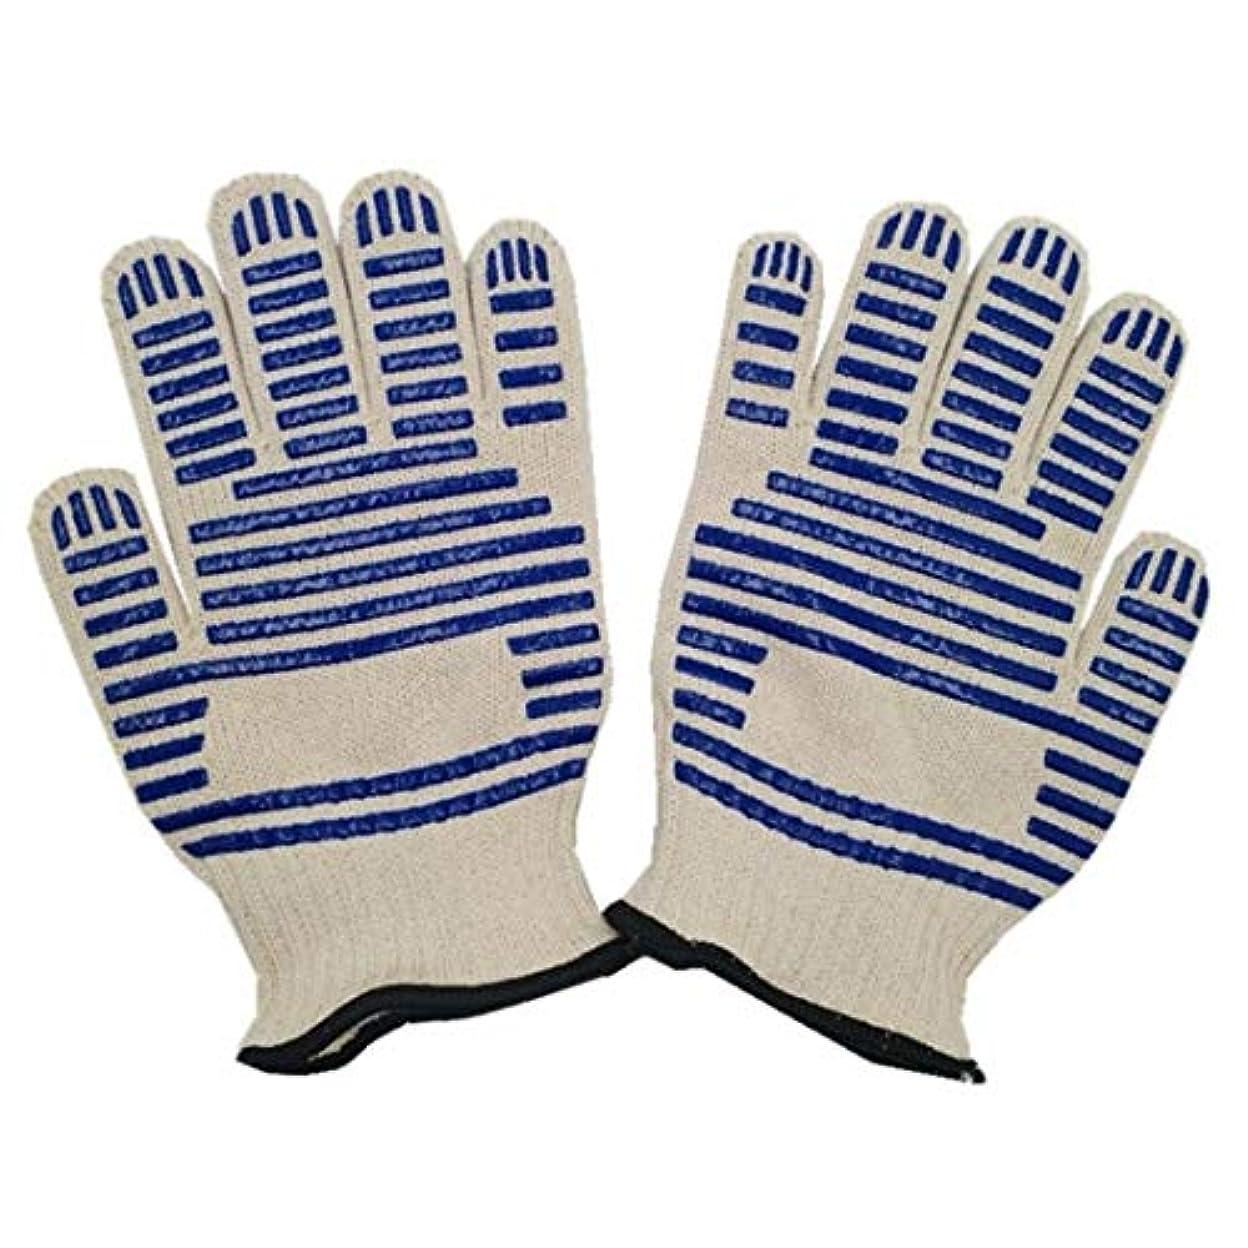 証言特定の四回Jiaoran 高温耐熱手袋、屋外キャンプ用手袋、ポリエステル/綿手袋